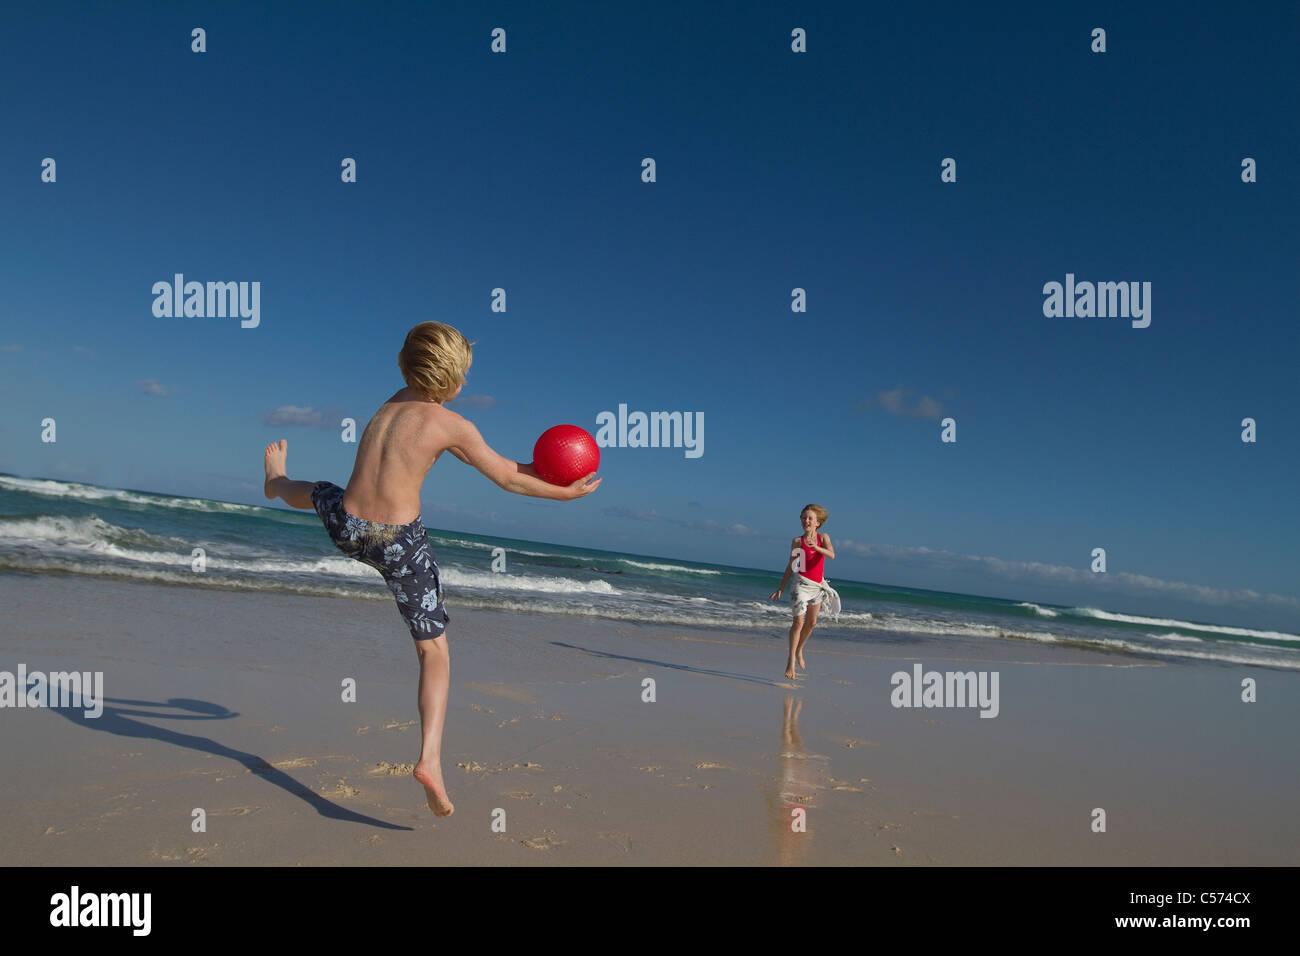 Kinder spielen mit roten Ball am Strand Stockfoto